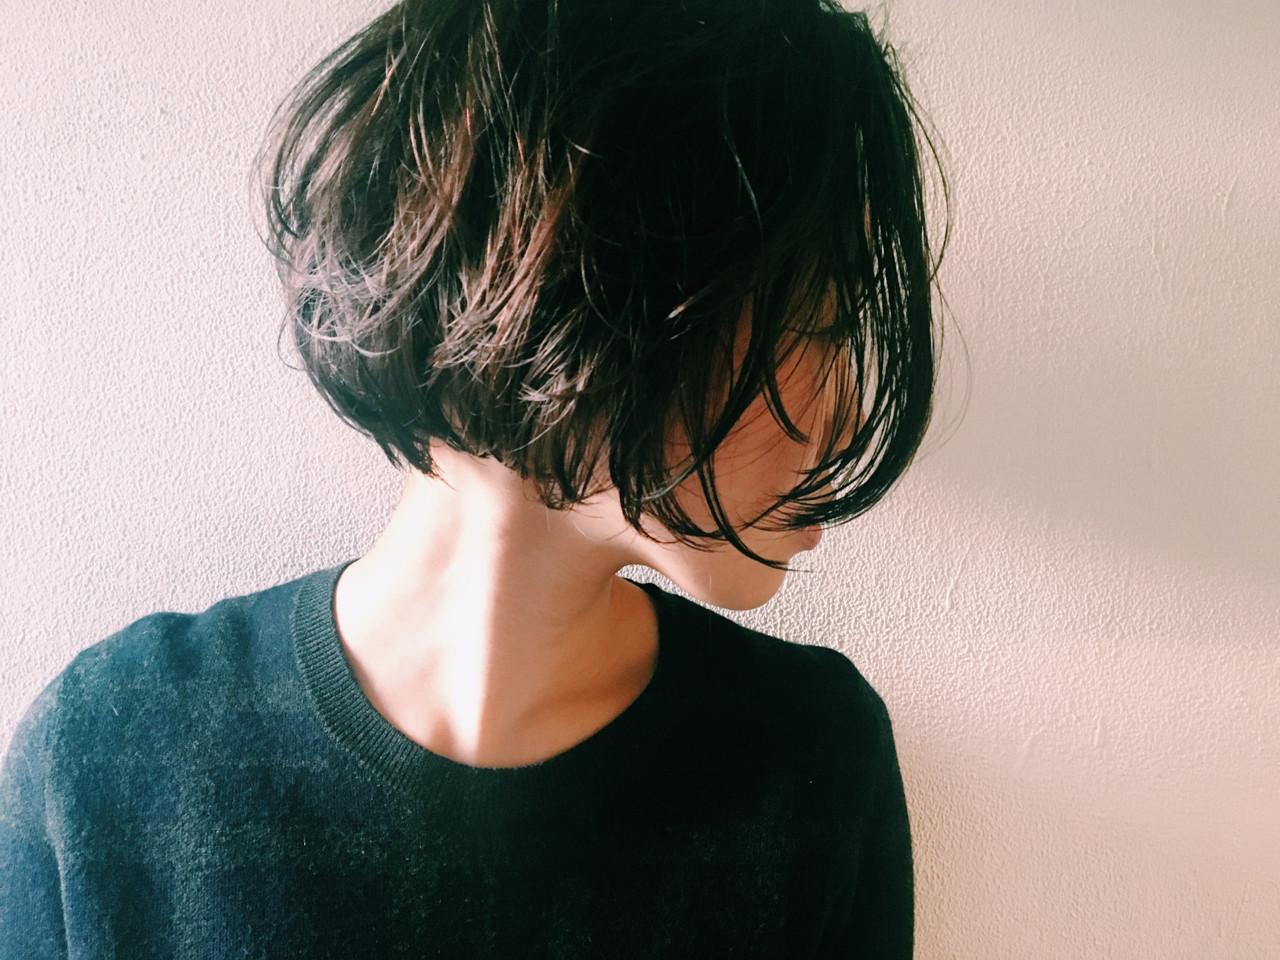 大人女子 色気 透明感 ニュアンス ヘアスタイルや髪型の写真・画像 | 長 賢太郎 / ky-go